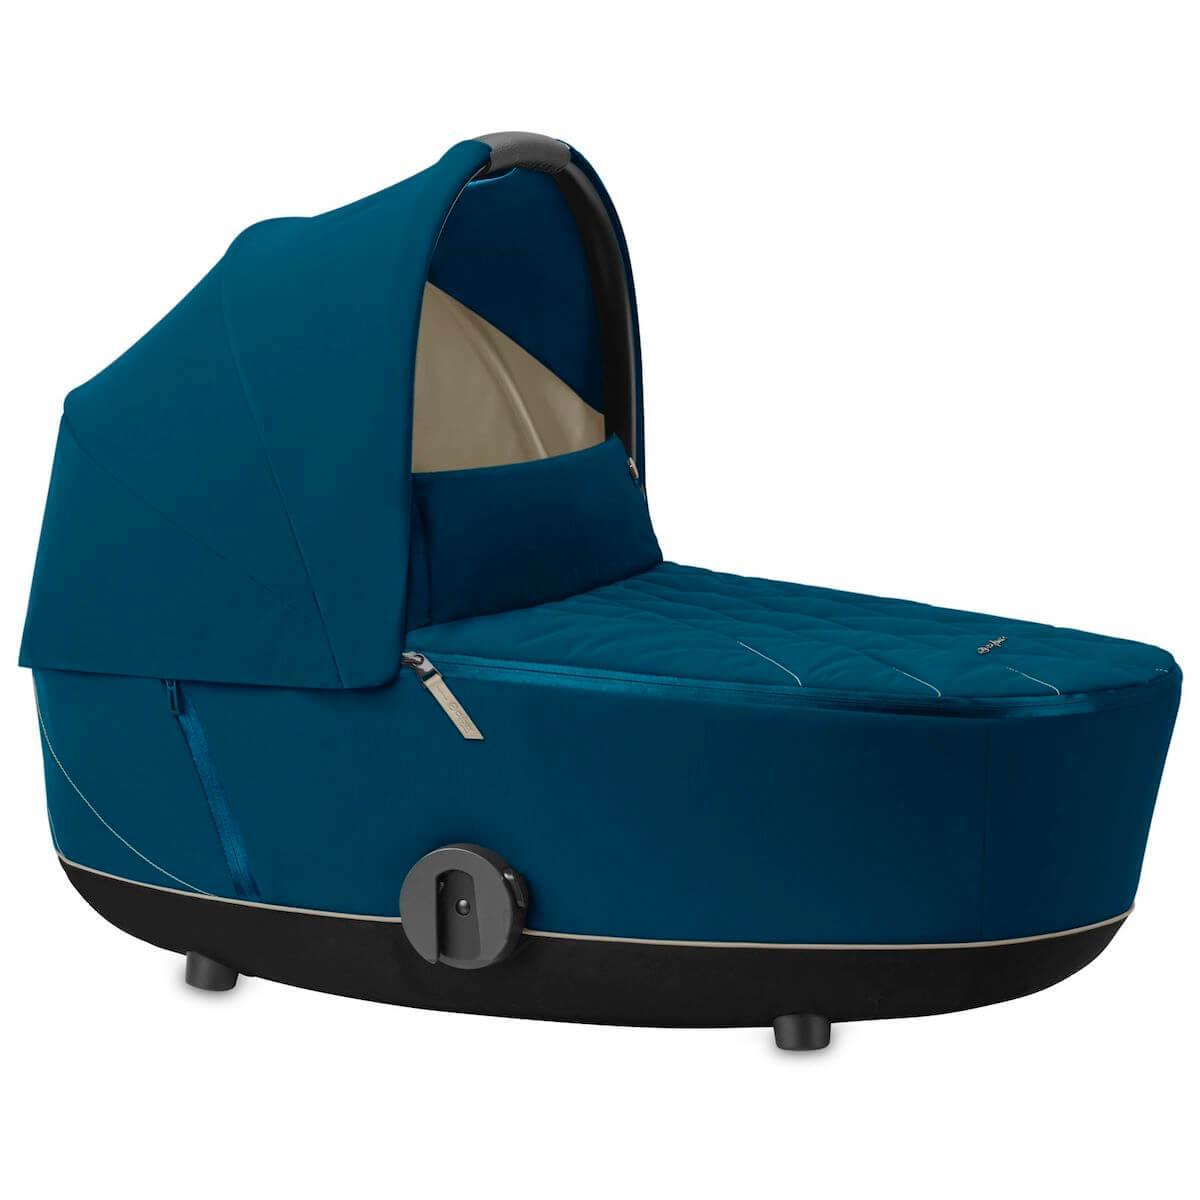 Nacelle luxe MIOS Cybex Mountain blue-turqoise